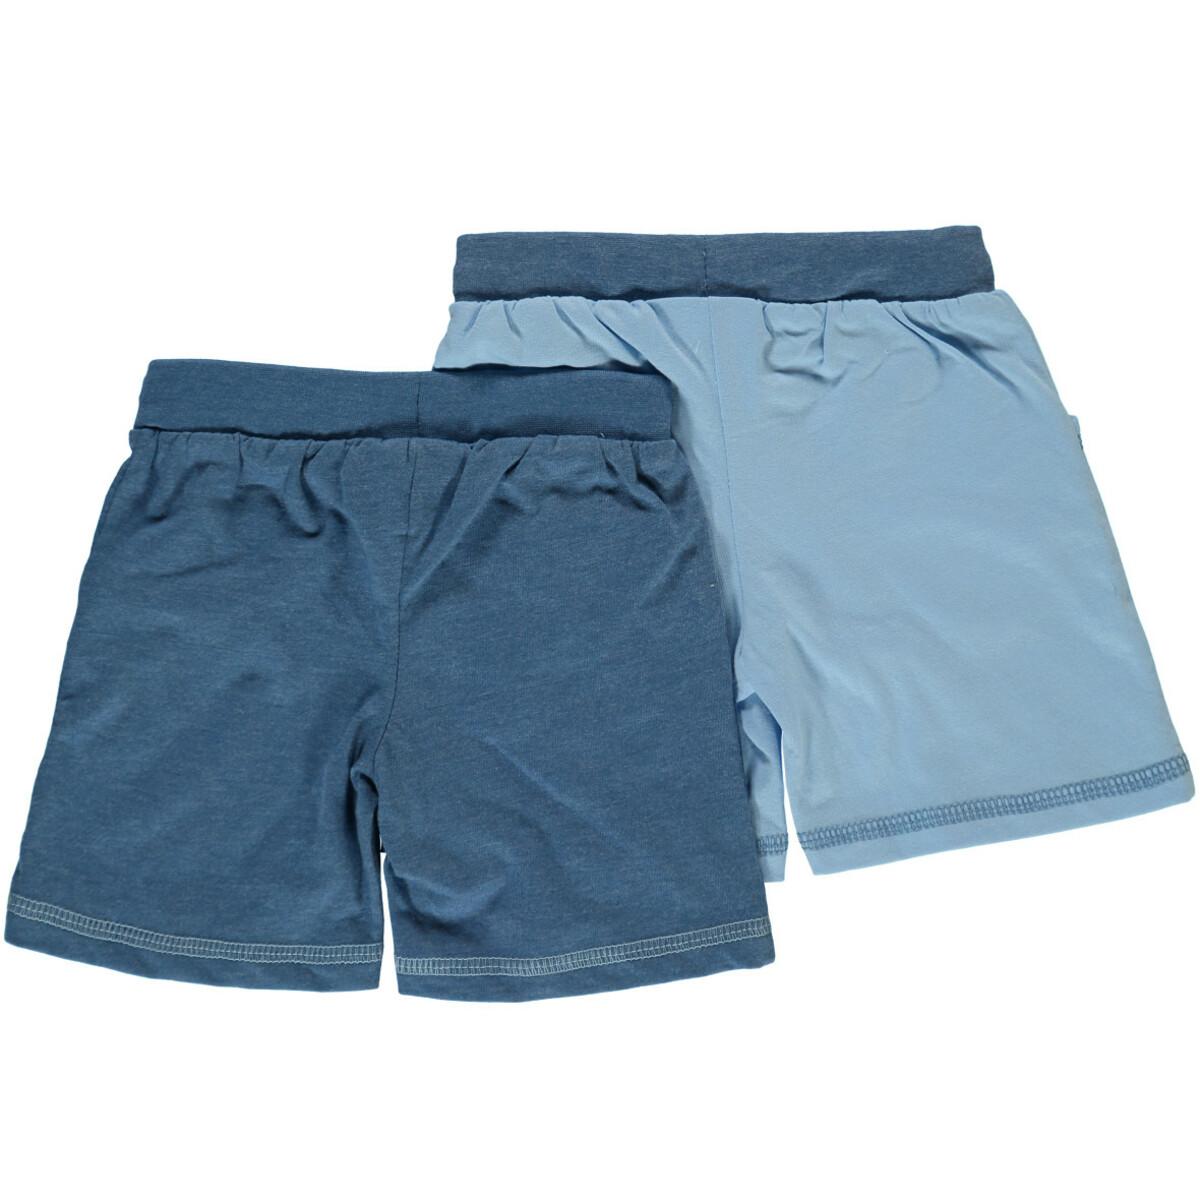 Bild 2 von Baby Shorts im 2er Pack